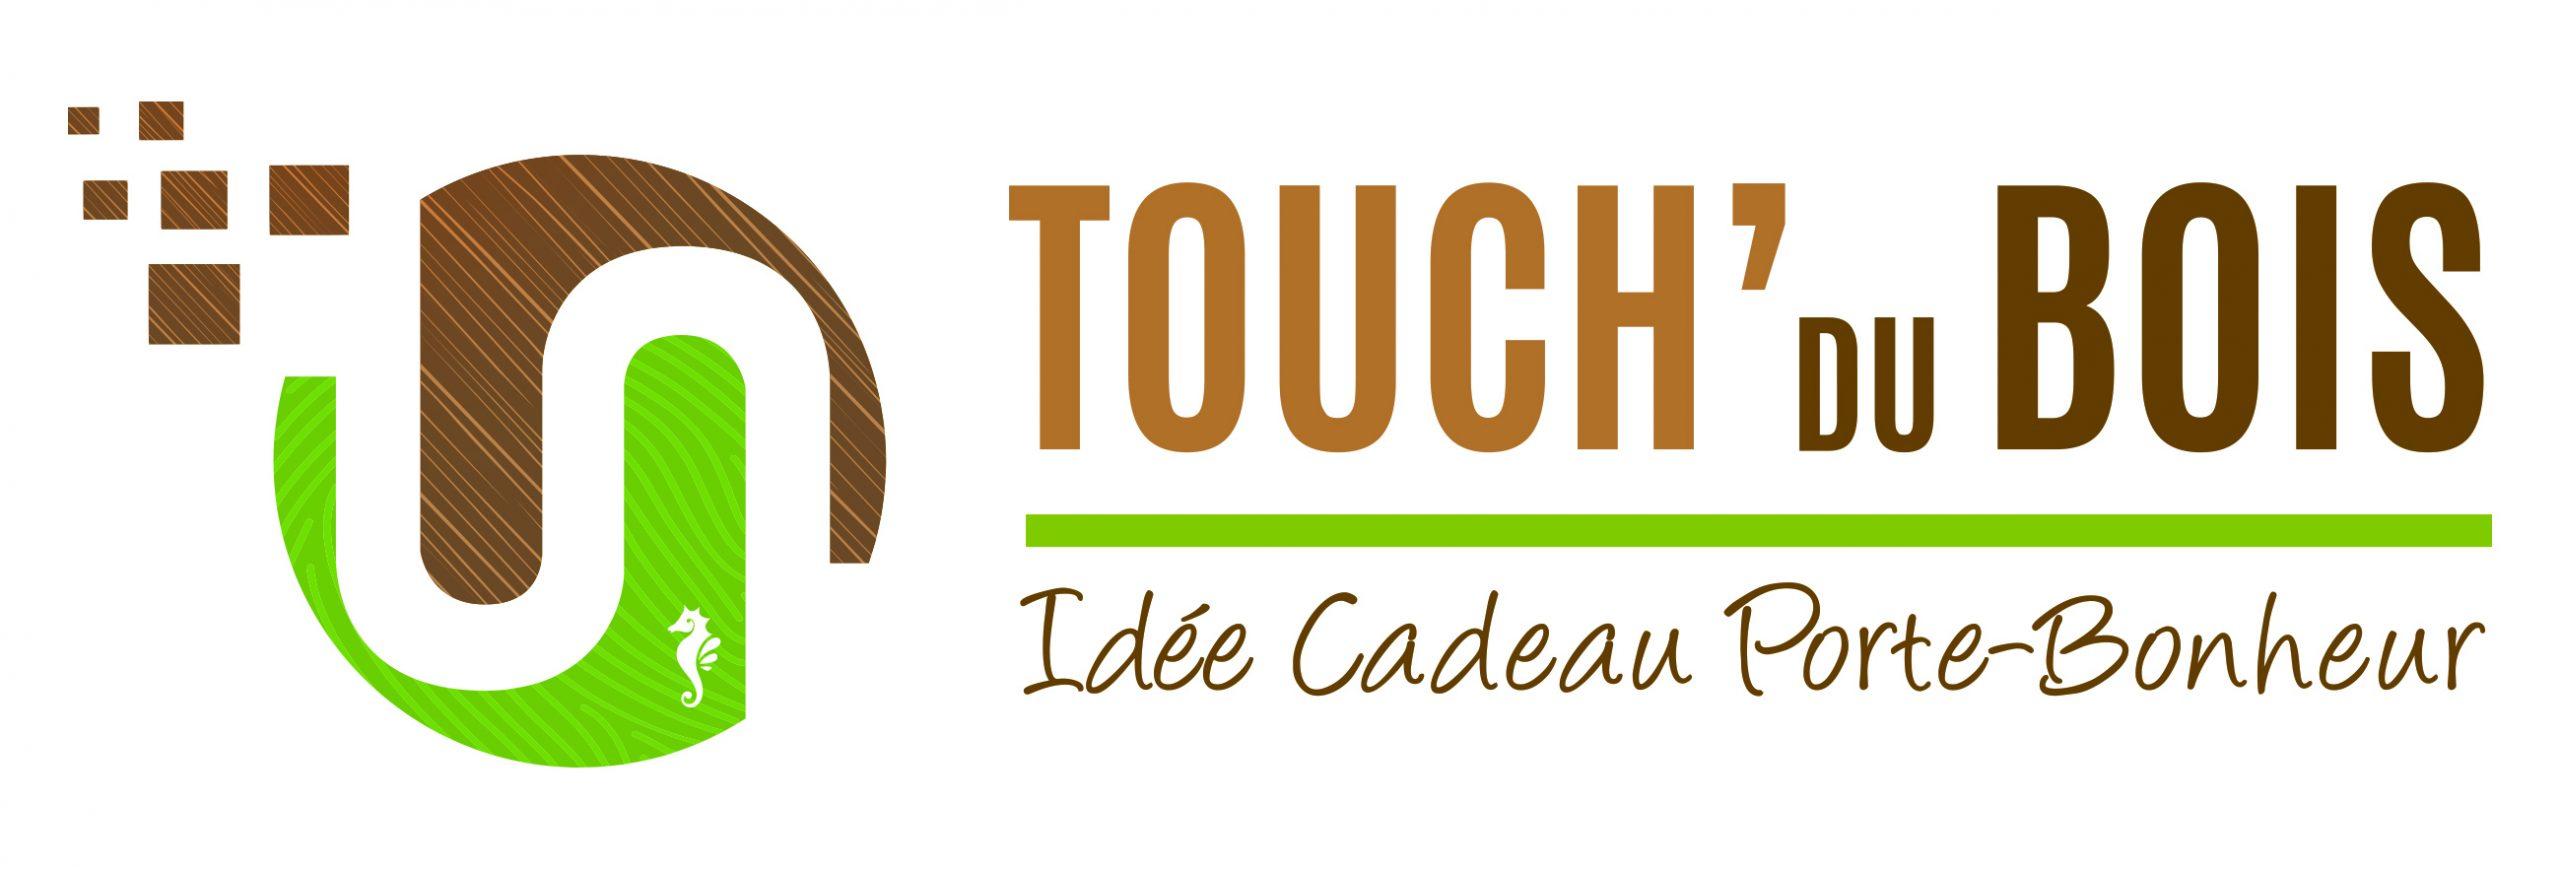 Touch'du Bois